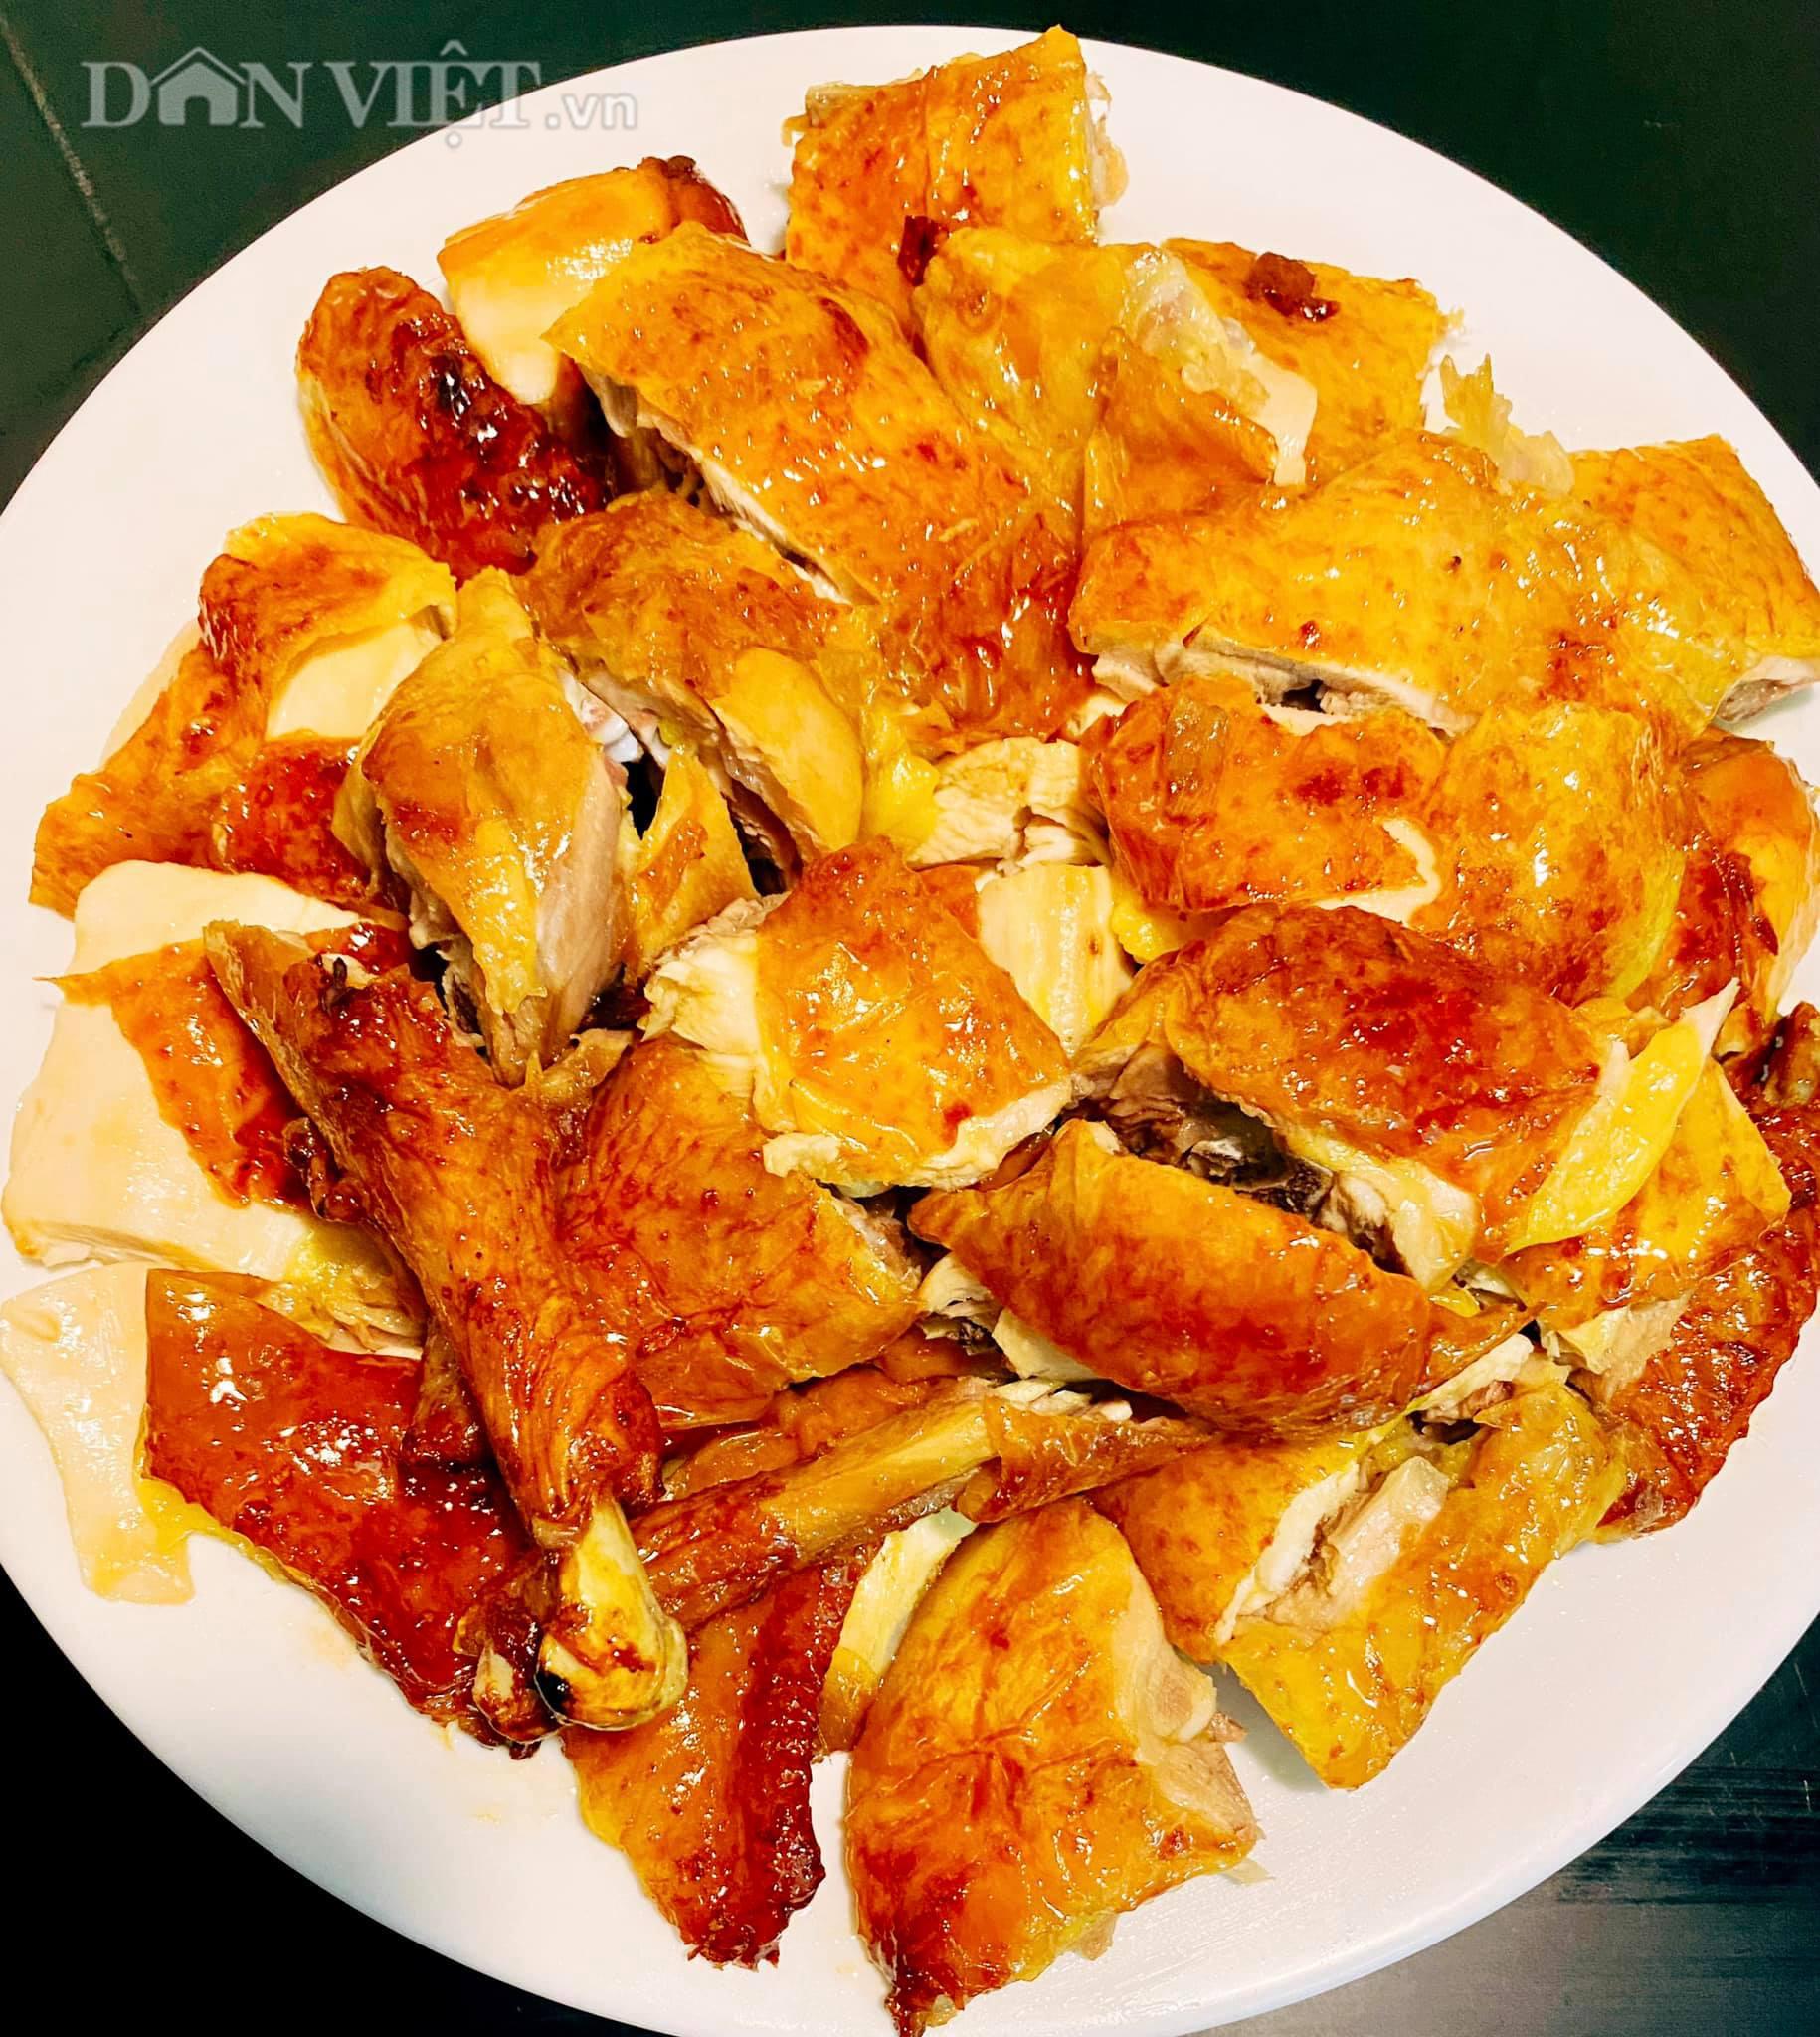 Cách làm gà nướng mật ong đậm đà giòn thơm bằng nồi chiên không dầu - Ảnh 3.